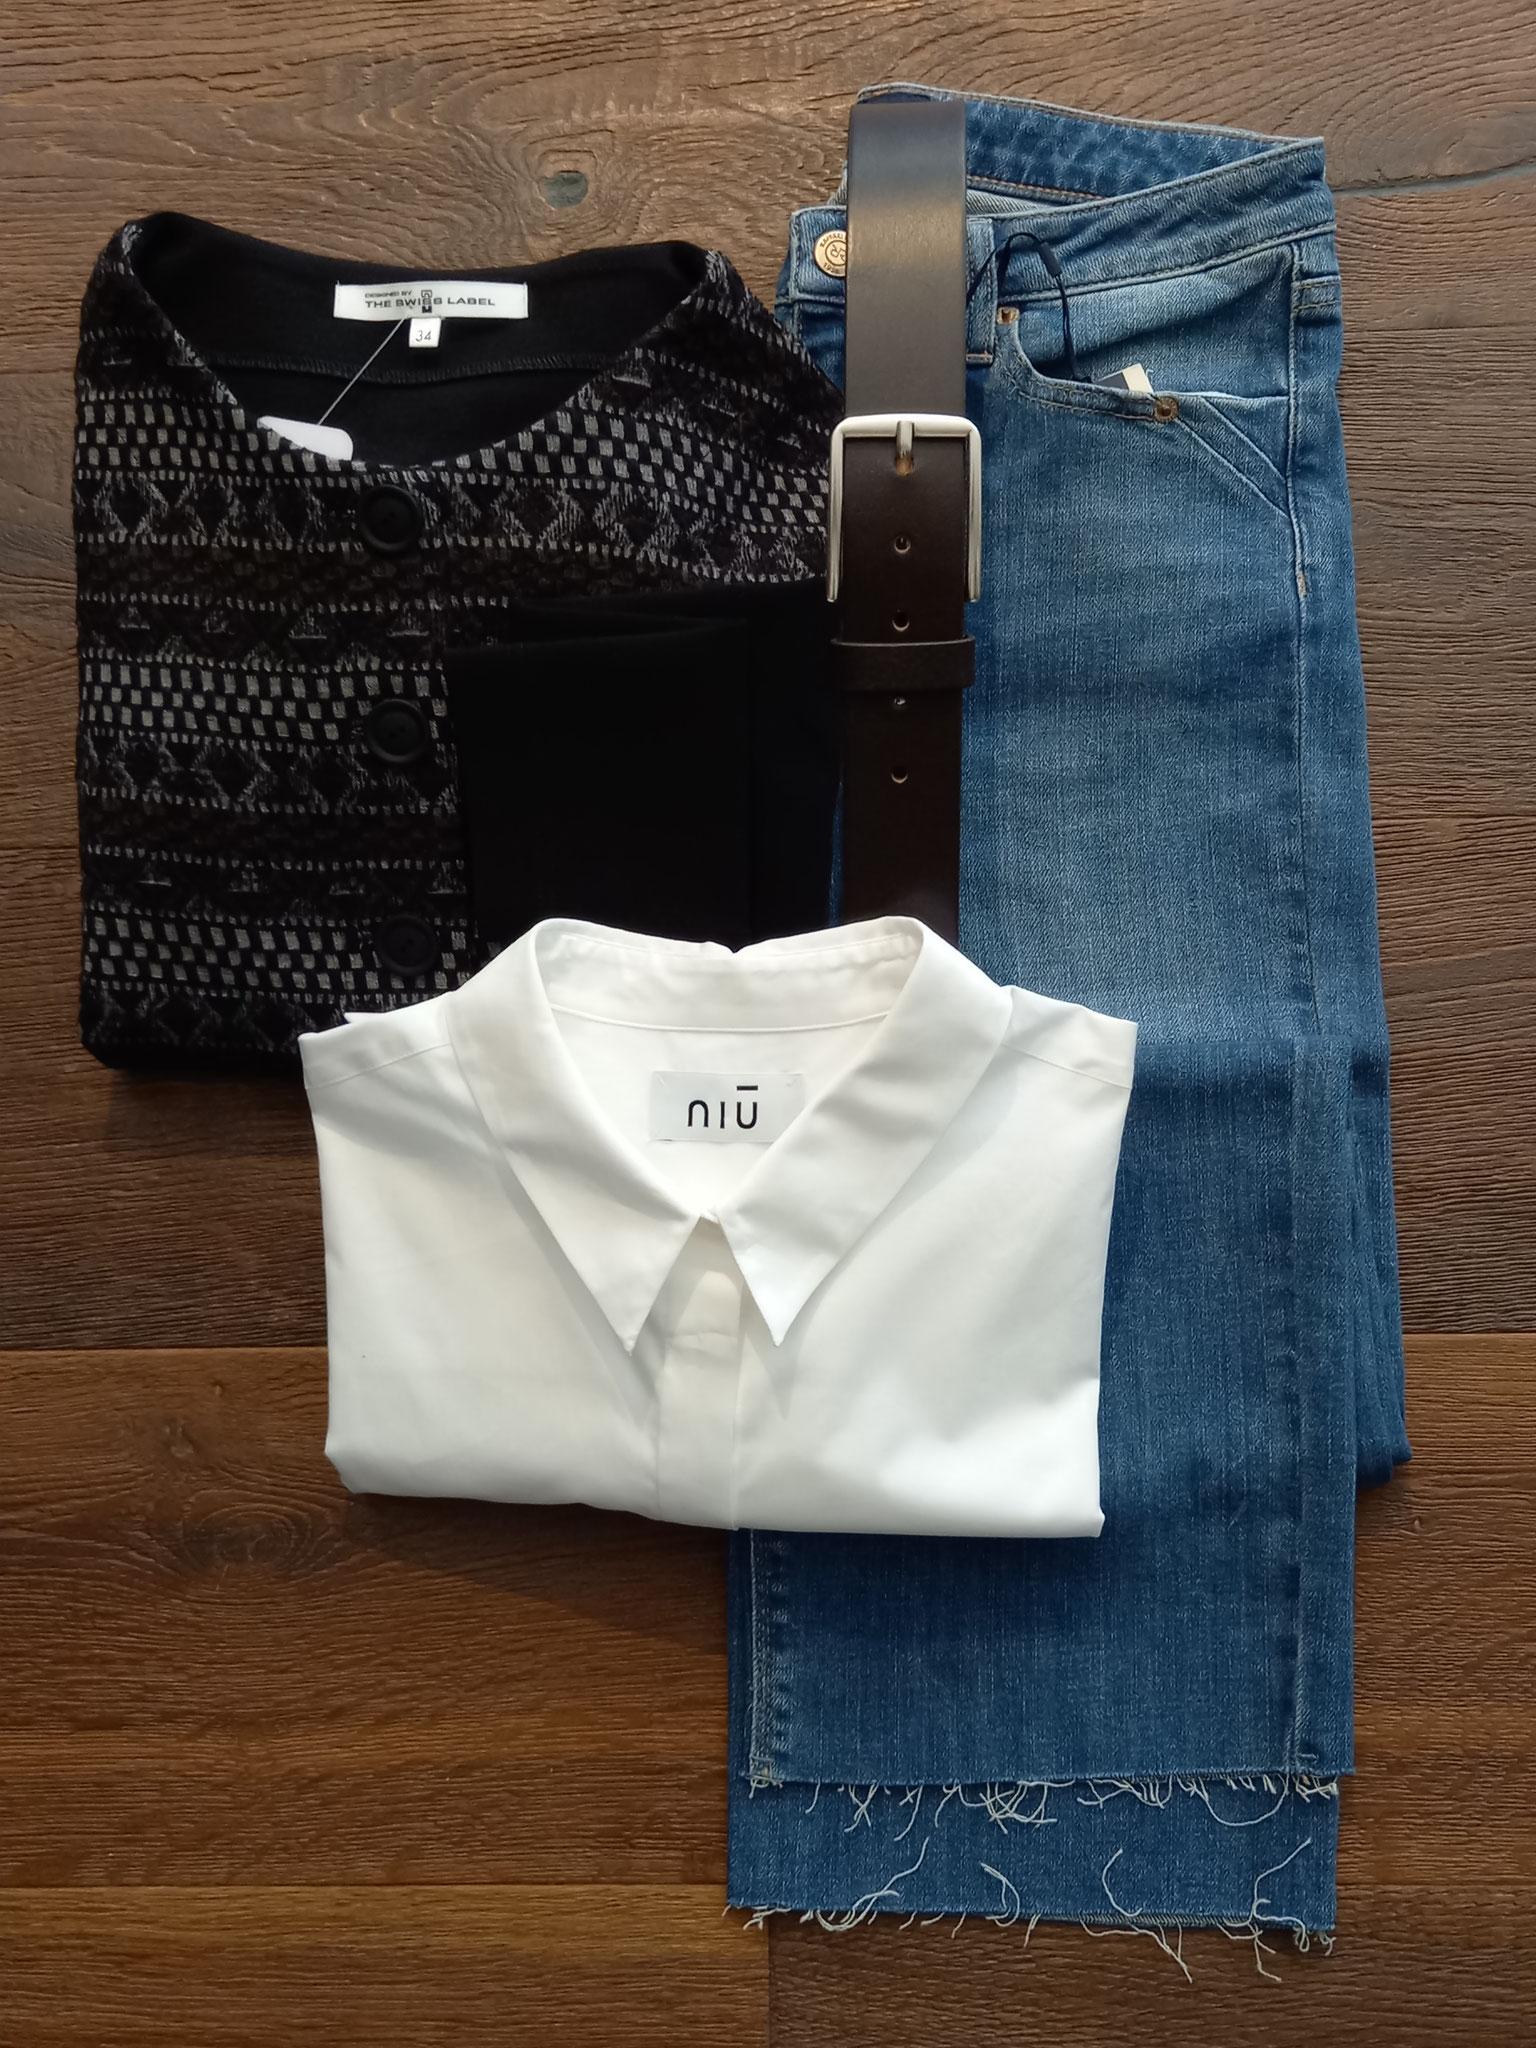 bei mir sind es Jeans - in allen Variationen - sie sind meine treuesten Begleiter :-)